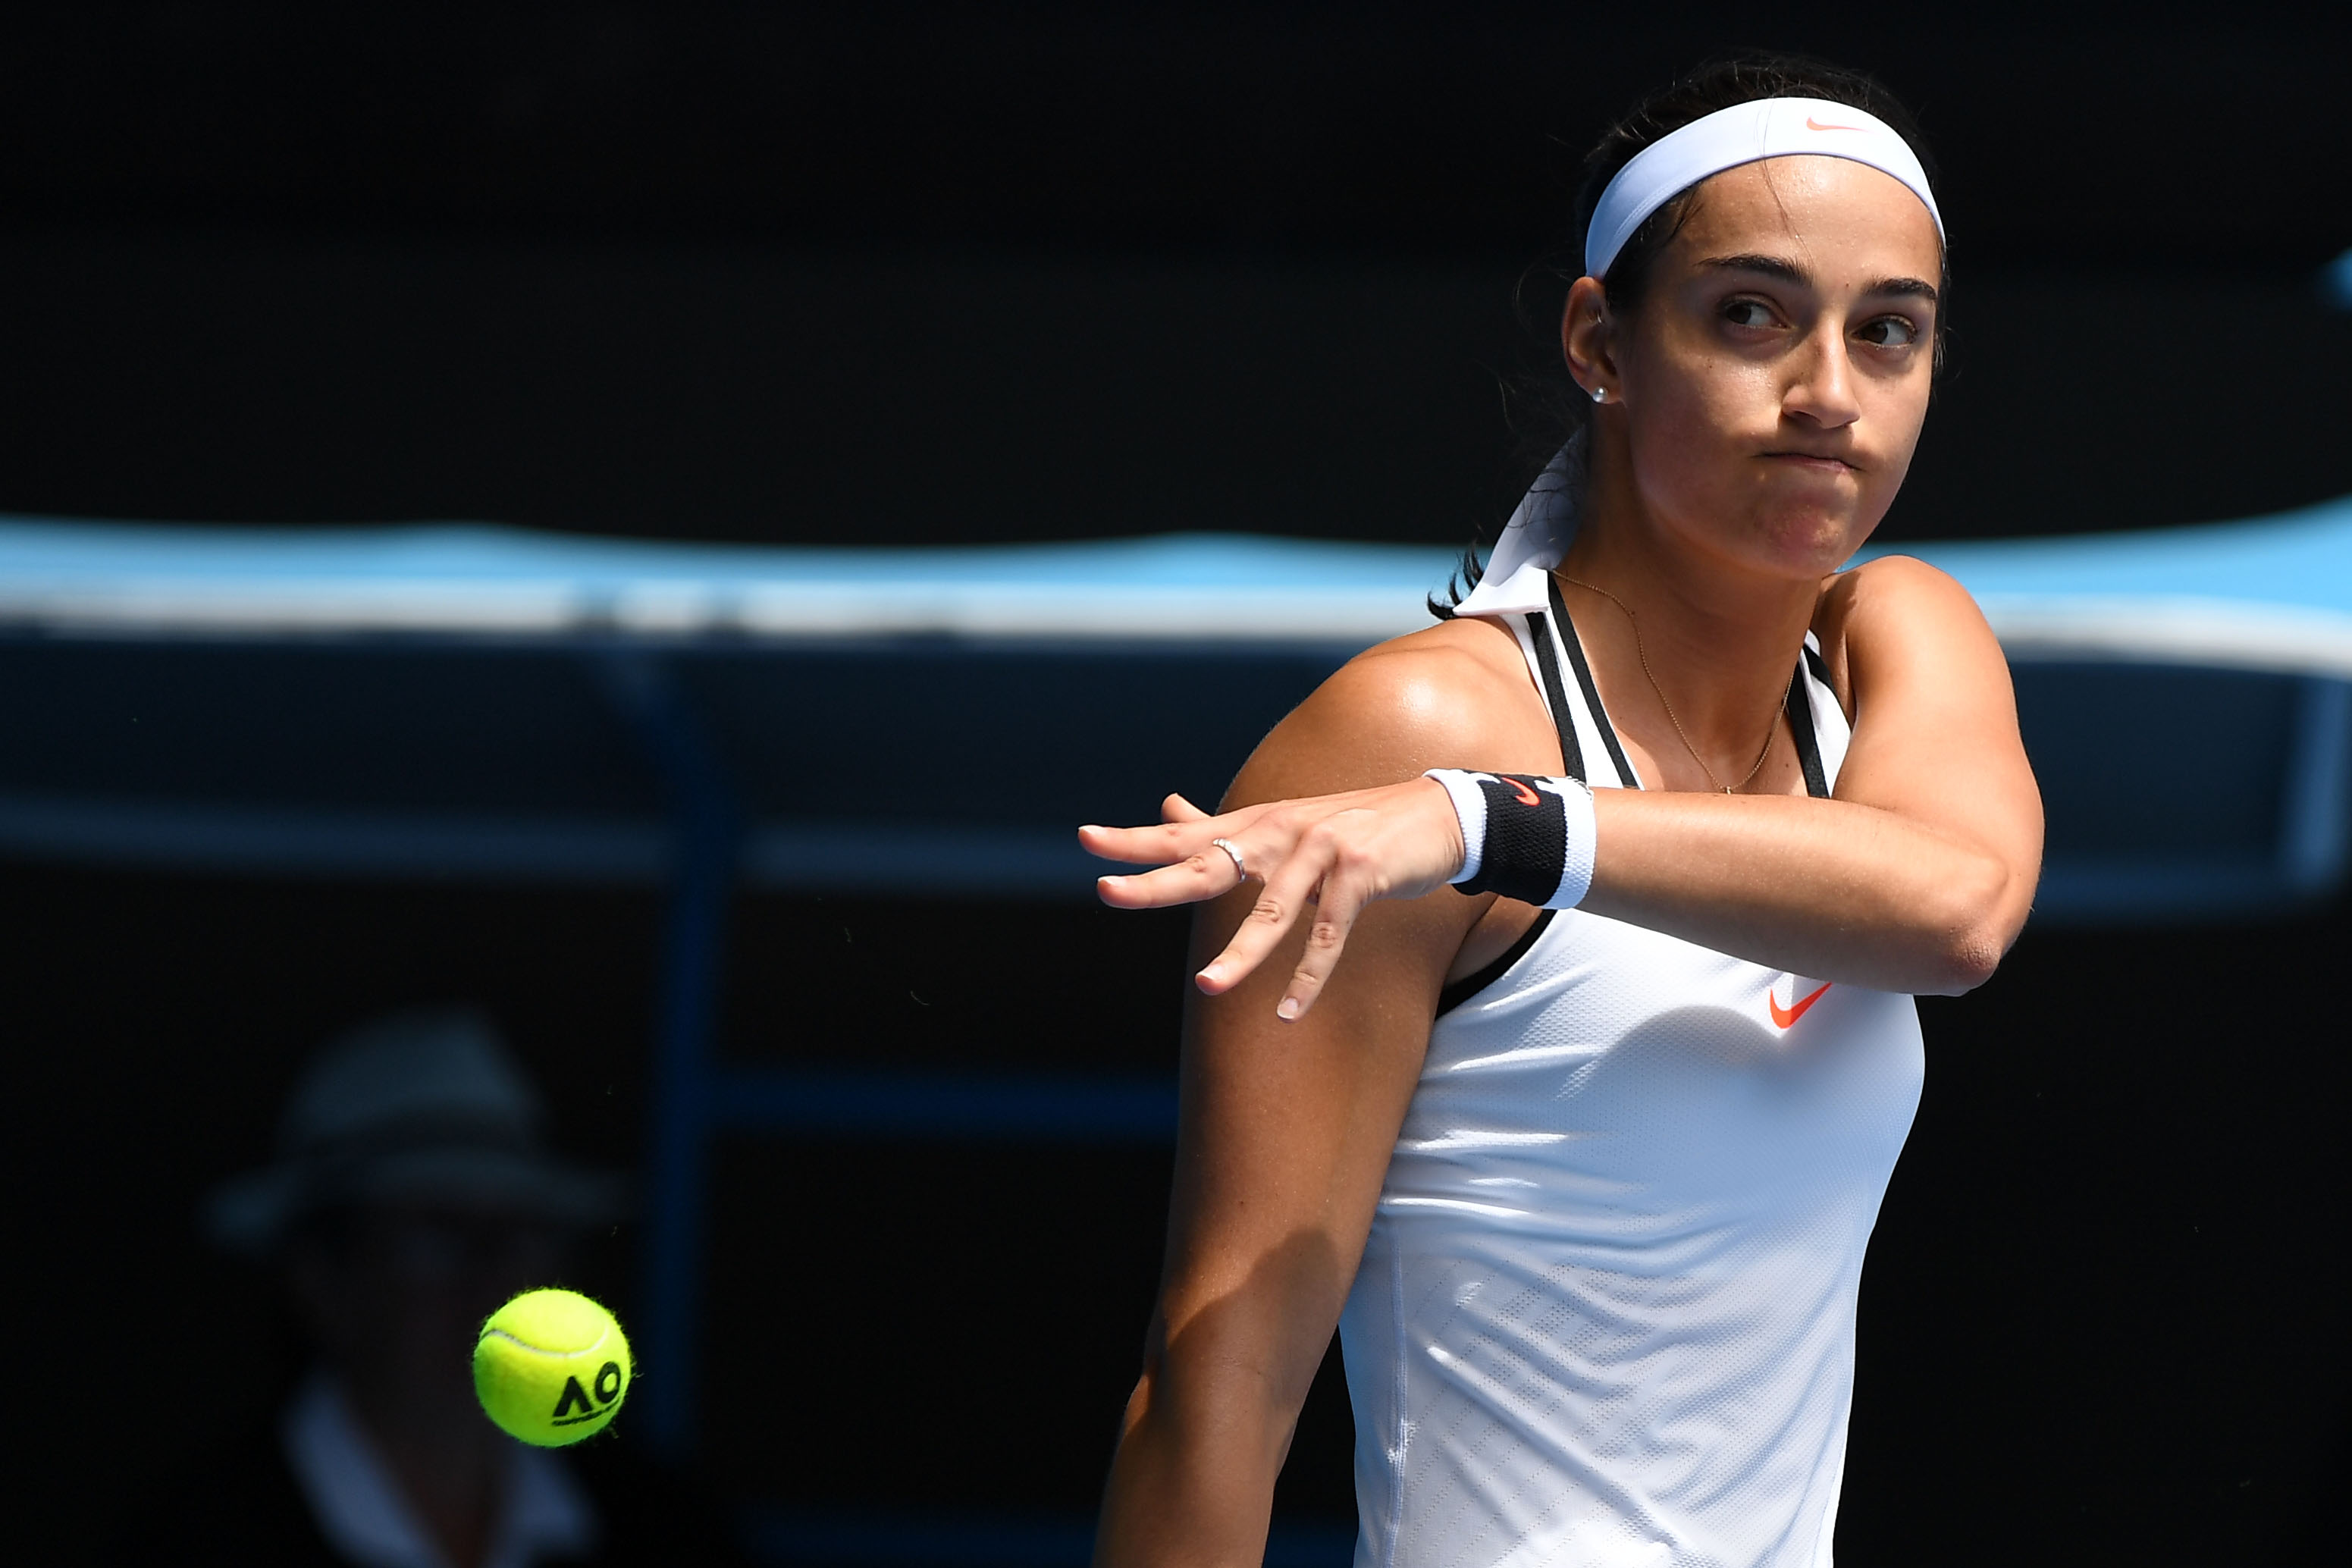 Tennis : Fed Cup - </b>Garcia consid&#232;re les pol&#233;miques comme &#171;une temp&#234;te dans un verre d?eau&#187;